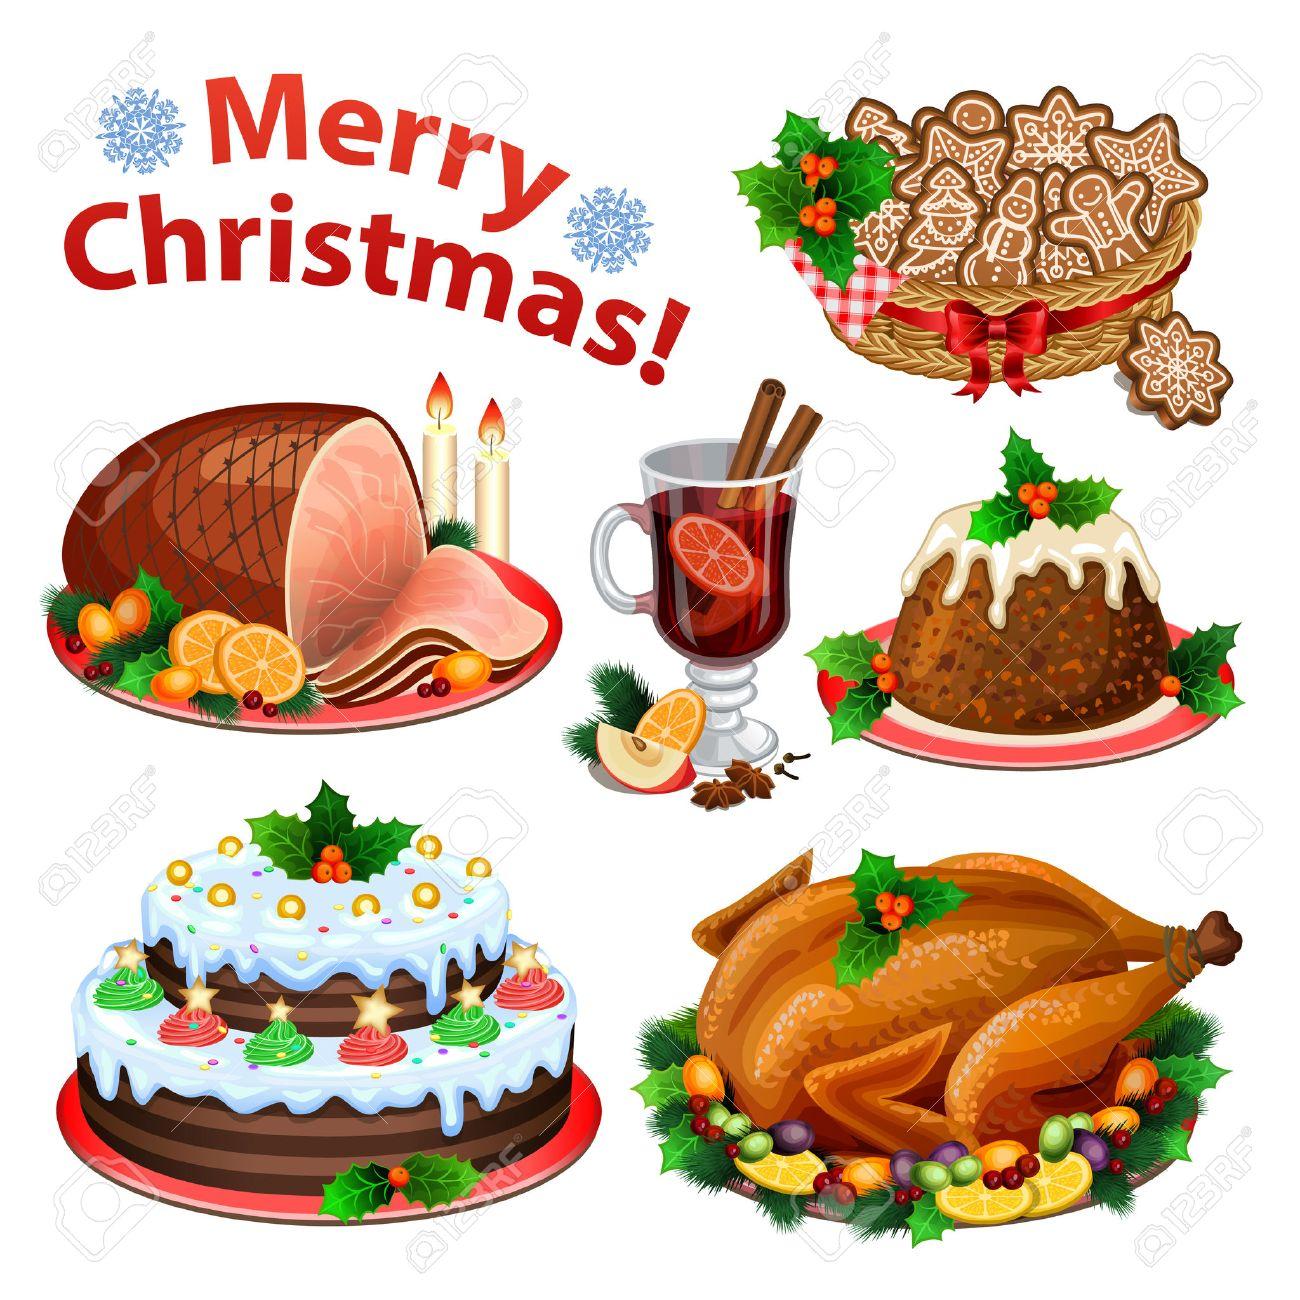 conjunto de iconos de dibujos animados para la cena de navidad comida tradicional de navidad